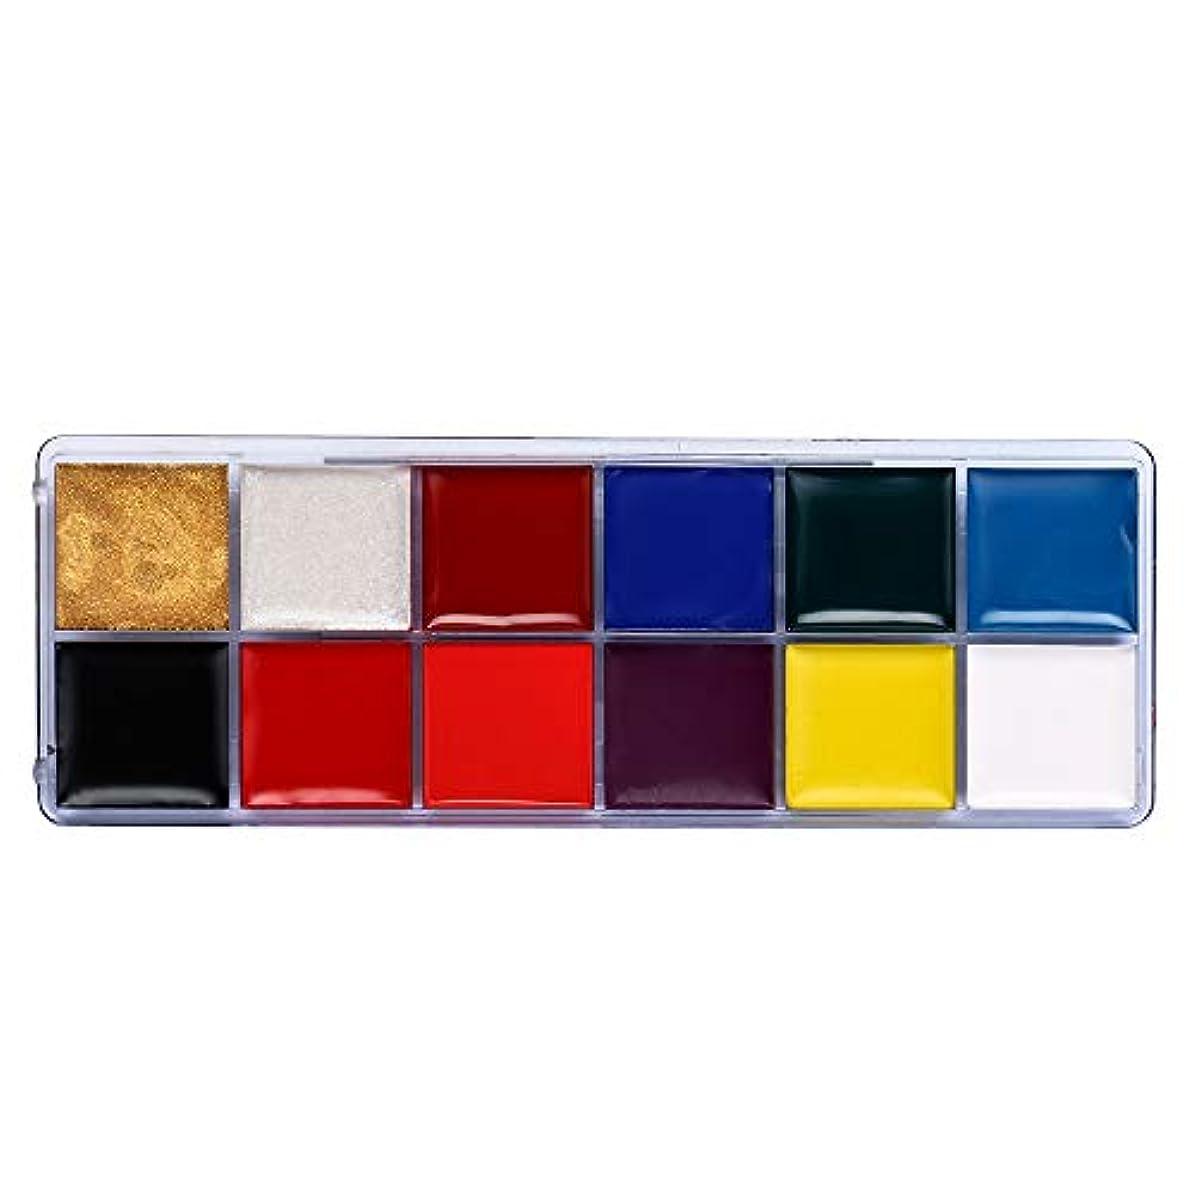 ピストンおなじみのインカ帝国12色ボディ塗装オイルカラードラマピエロハロウィンメイクアップフェイスカラー